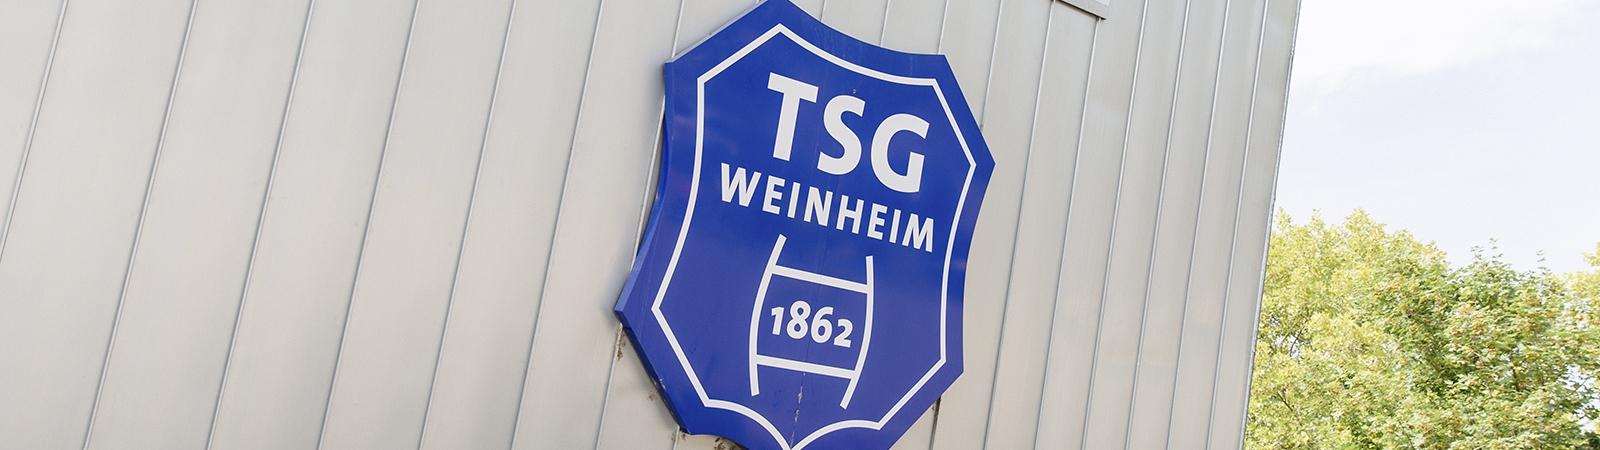 Sportabzeichen der TSG Weinheim